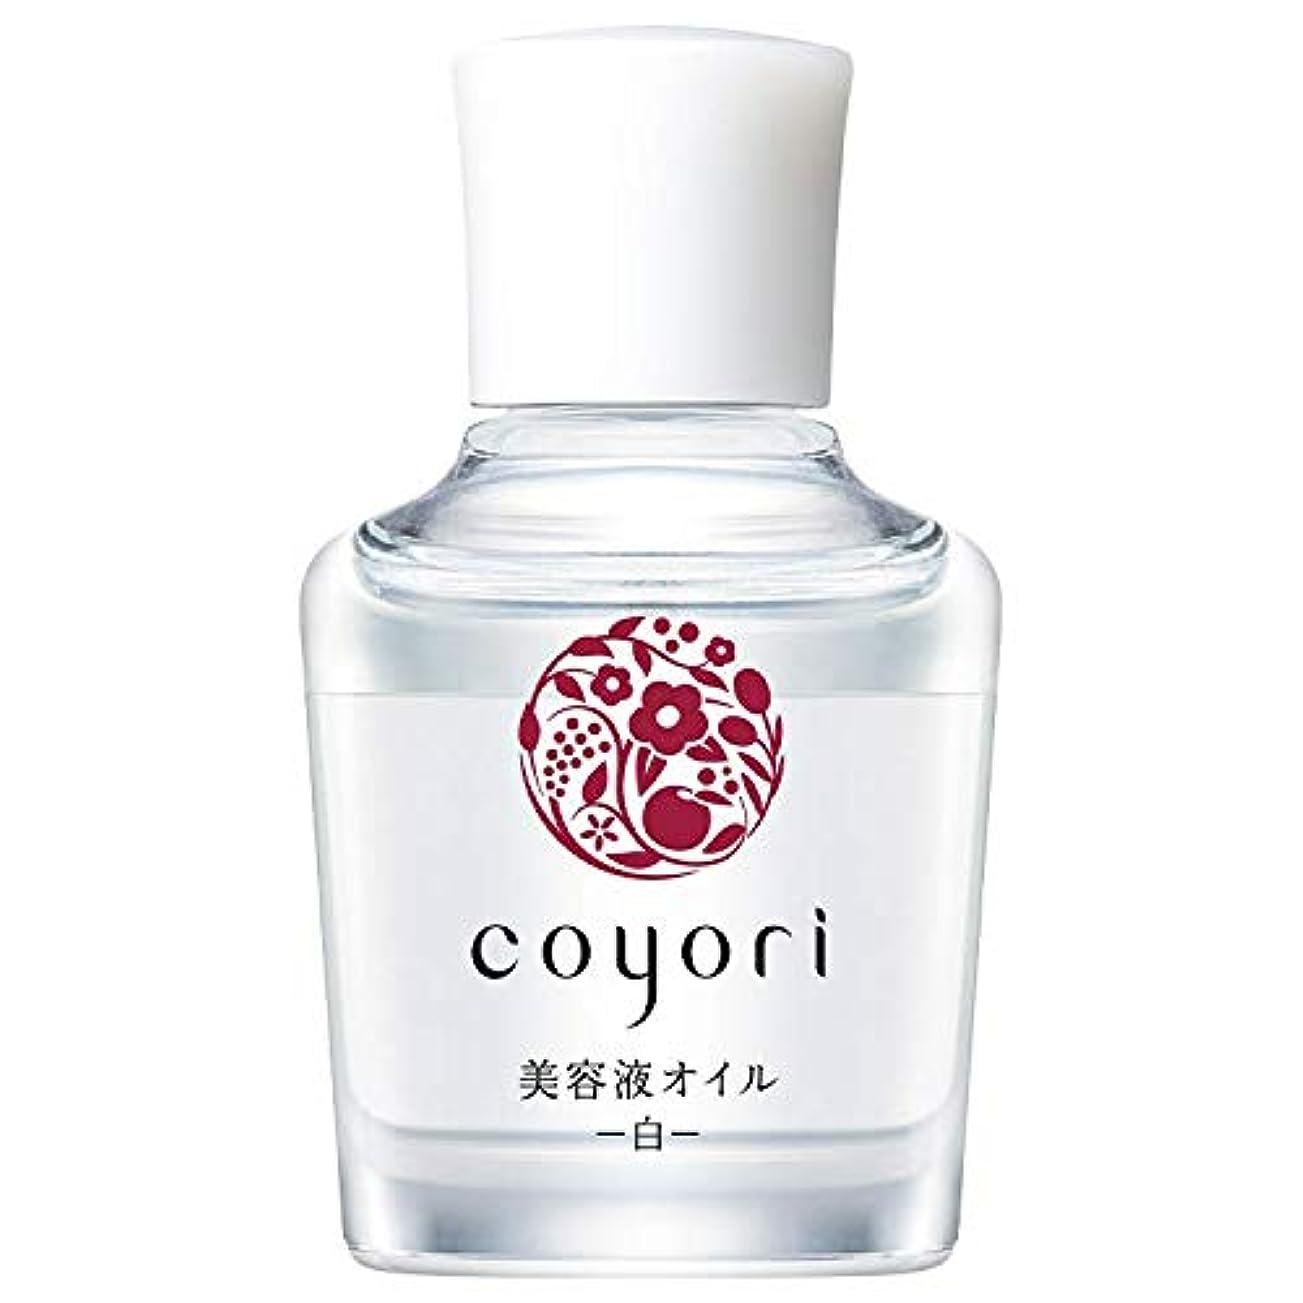 [公式] コヨリ 美容液オイル-白- 20mL 無添加[高機能 自然派 エイジングケア 乾燥肌 敏感肌 くすみ 乾燥 小じわ 対策用 もっちり ハリ ツヤ フェイスオイル ]